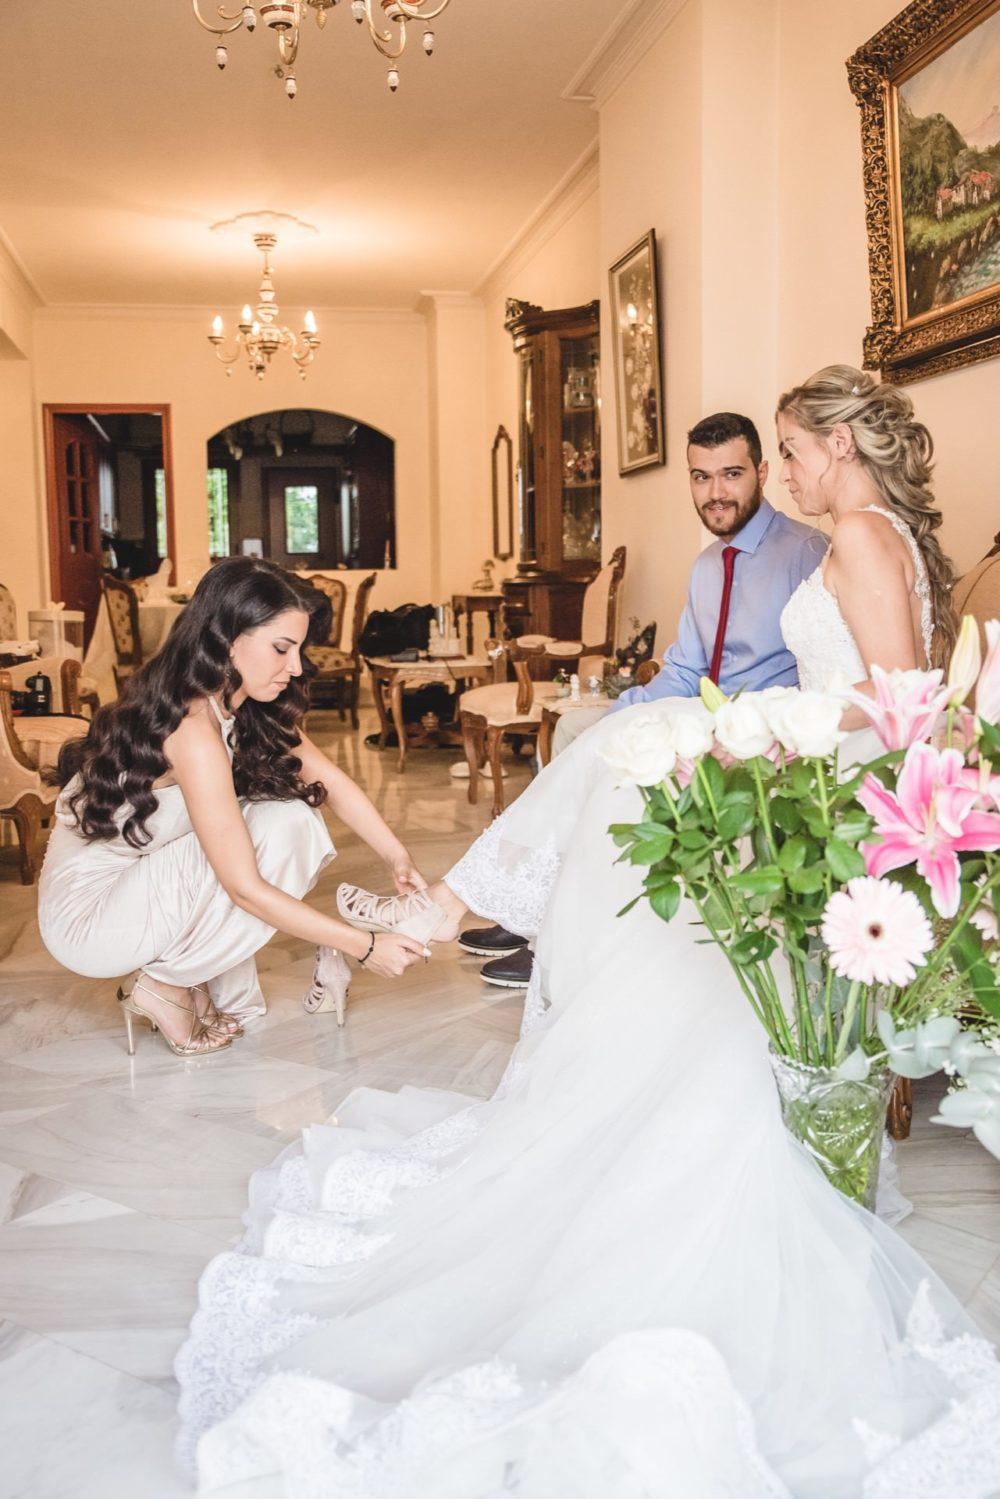 Fotografisi Gamou Wedding Gamos Fotografos Ilias & Dimitra035